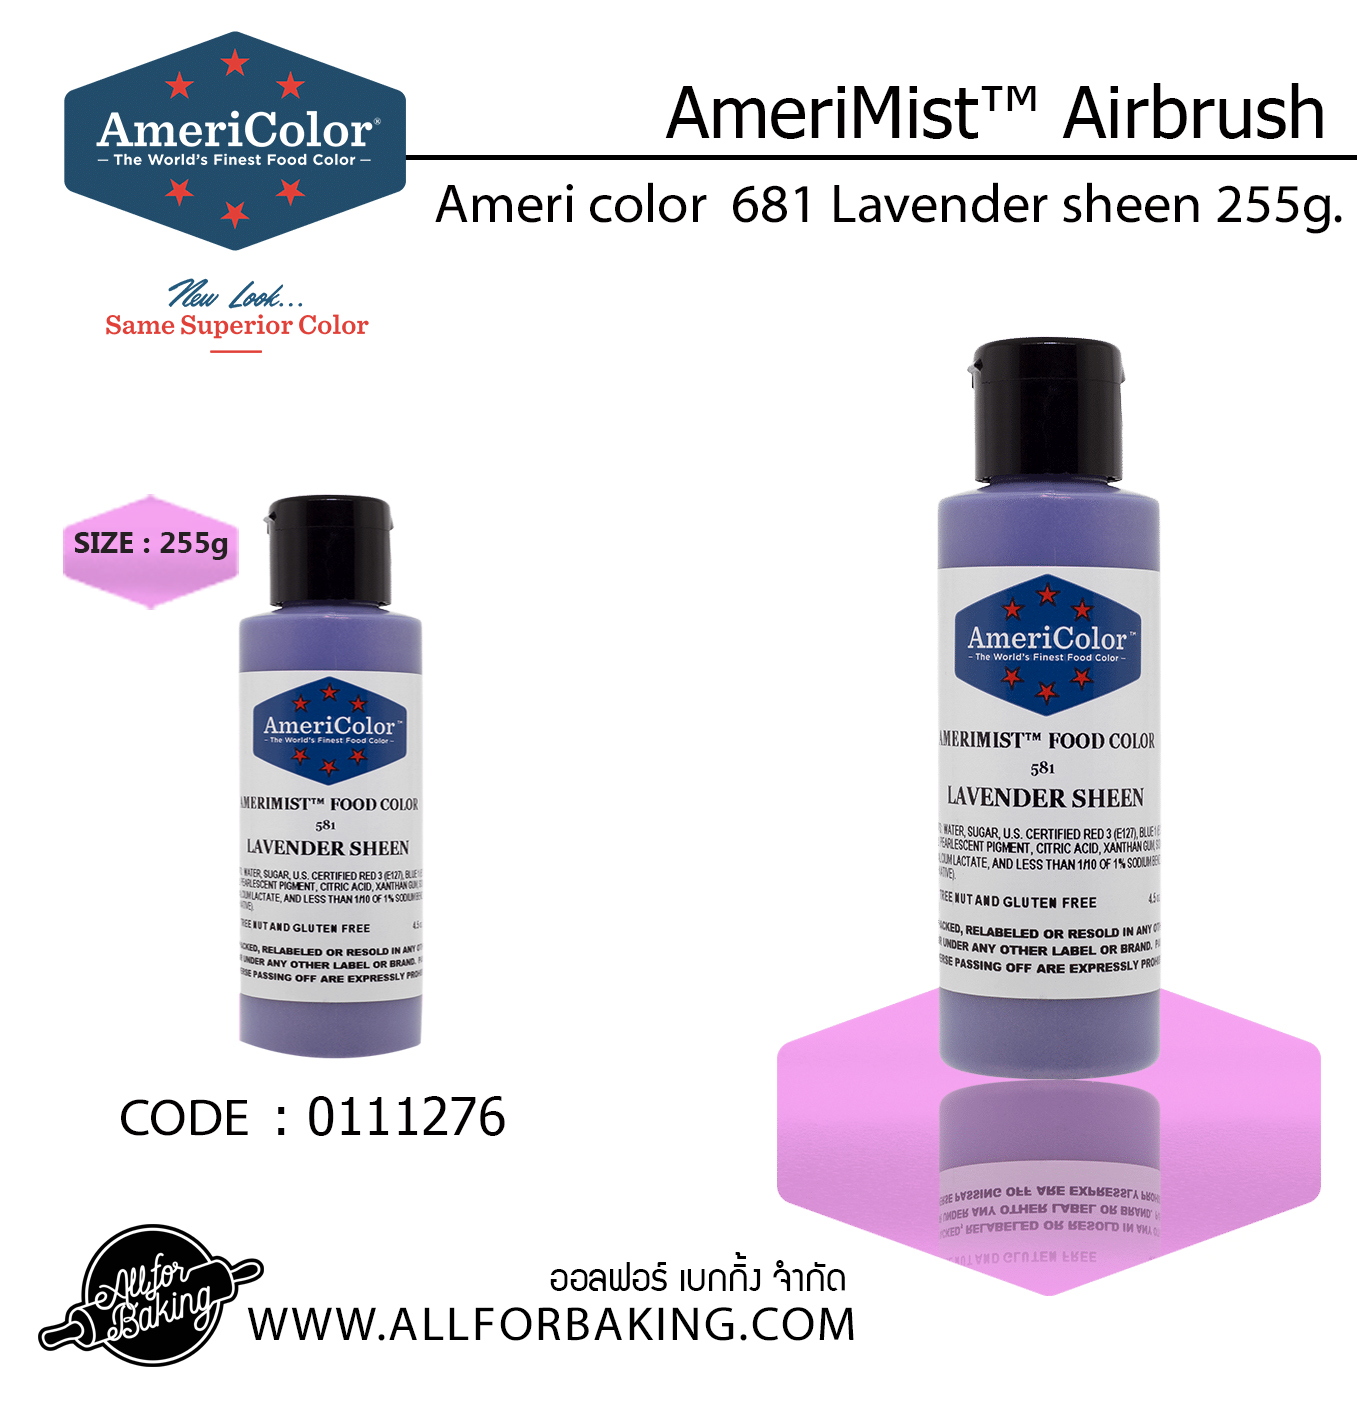 Ameri color 681 Lavender sheen 255g. (255g)